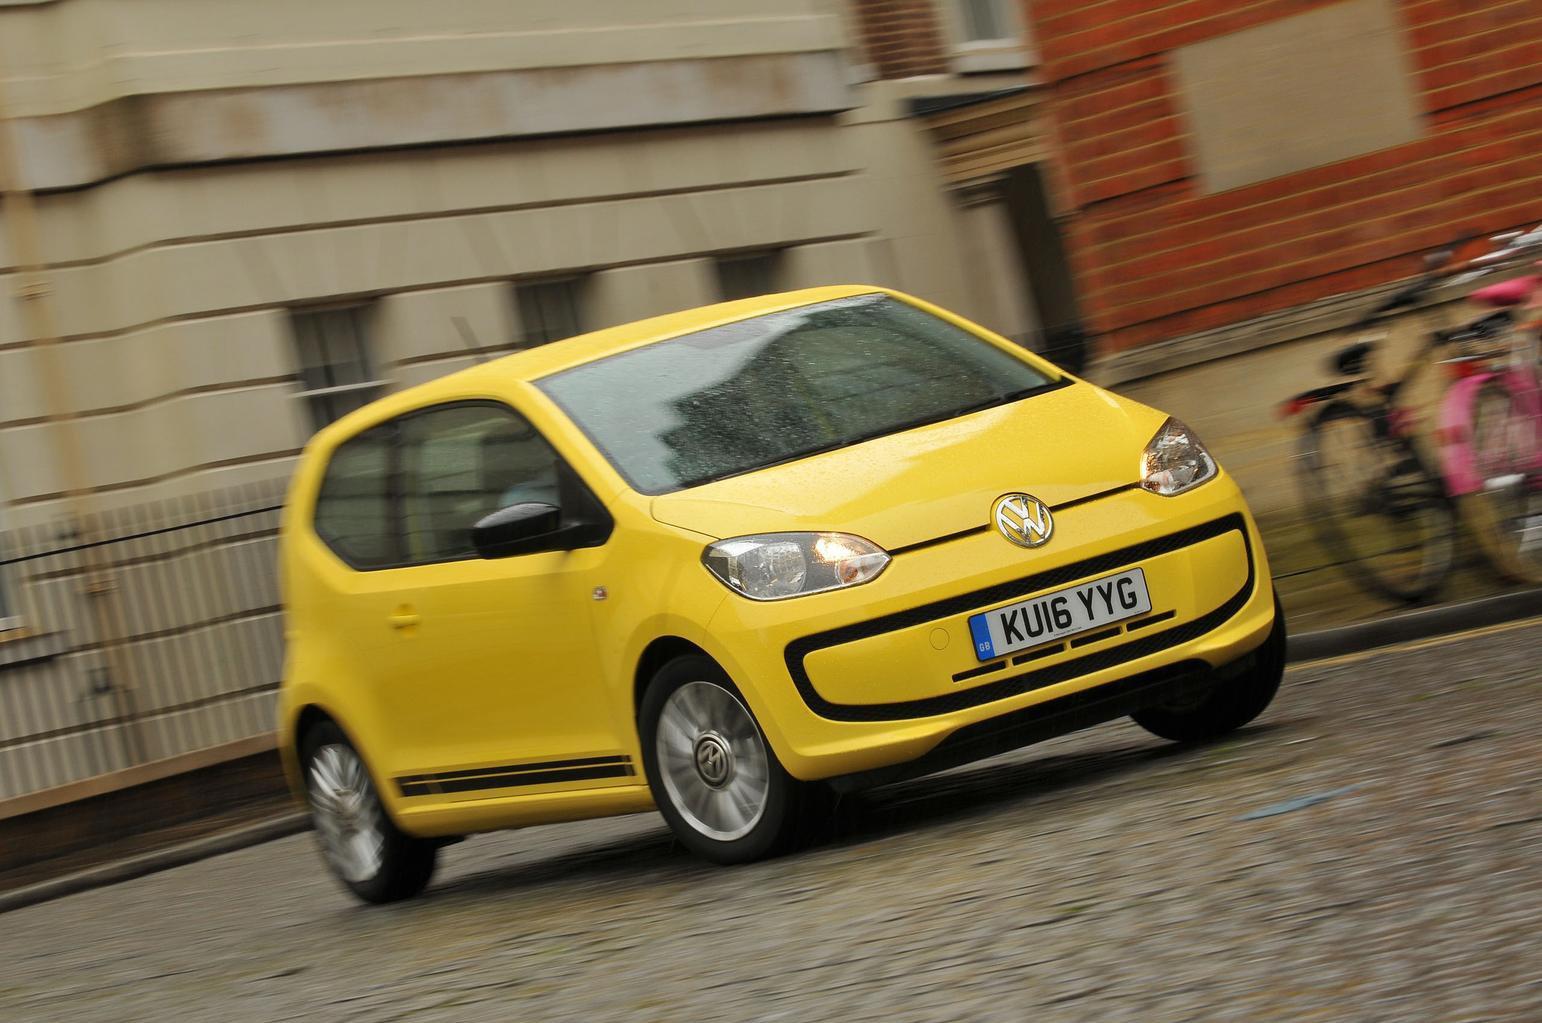 2016 Volkswagen Up Look Up review